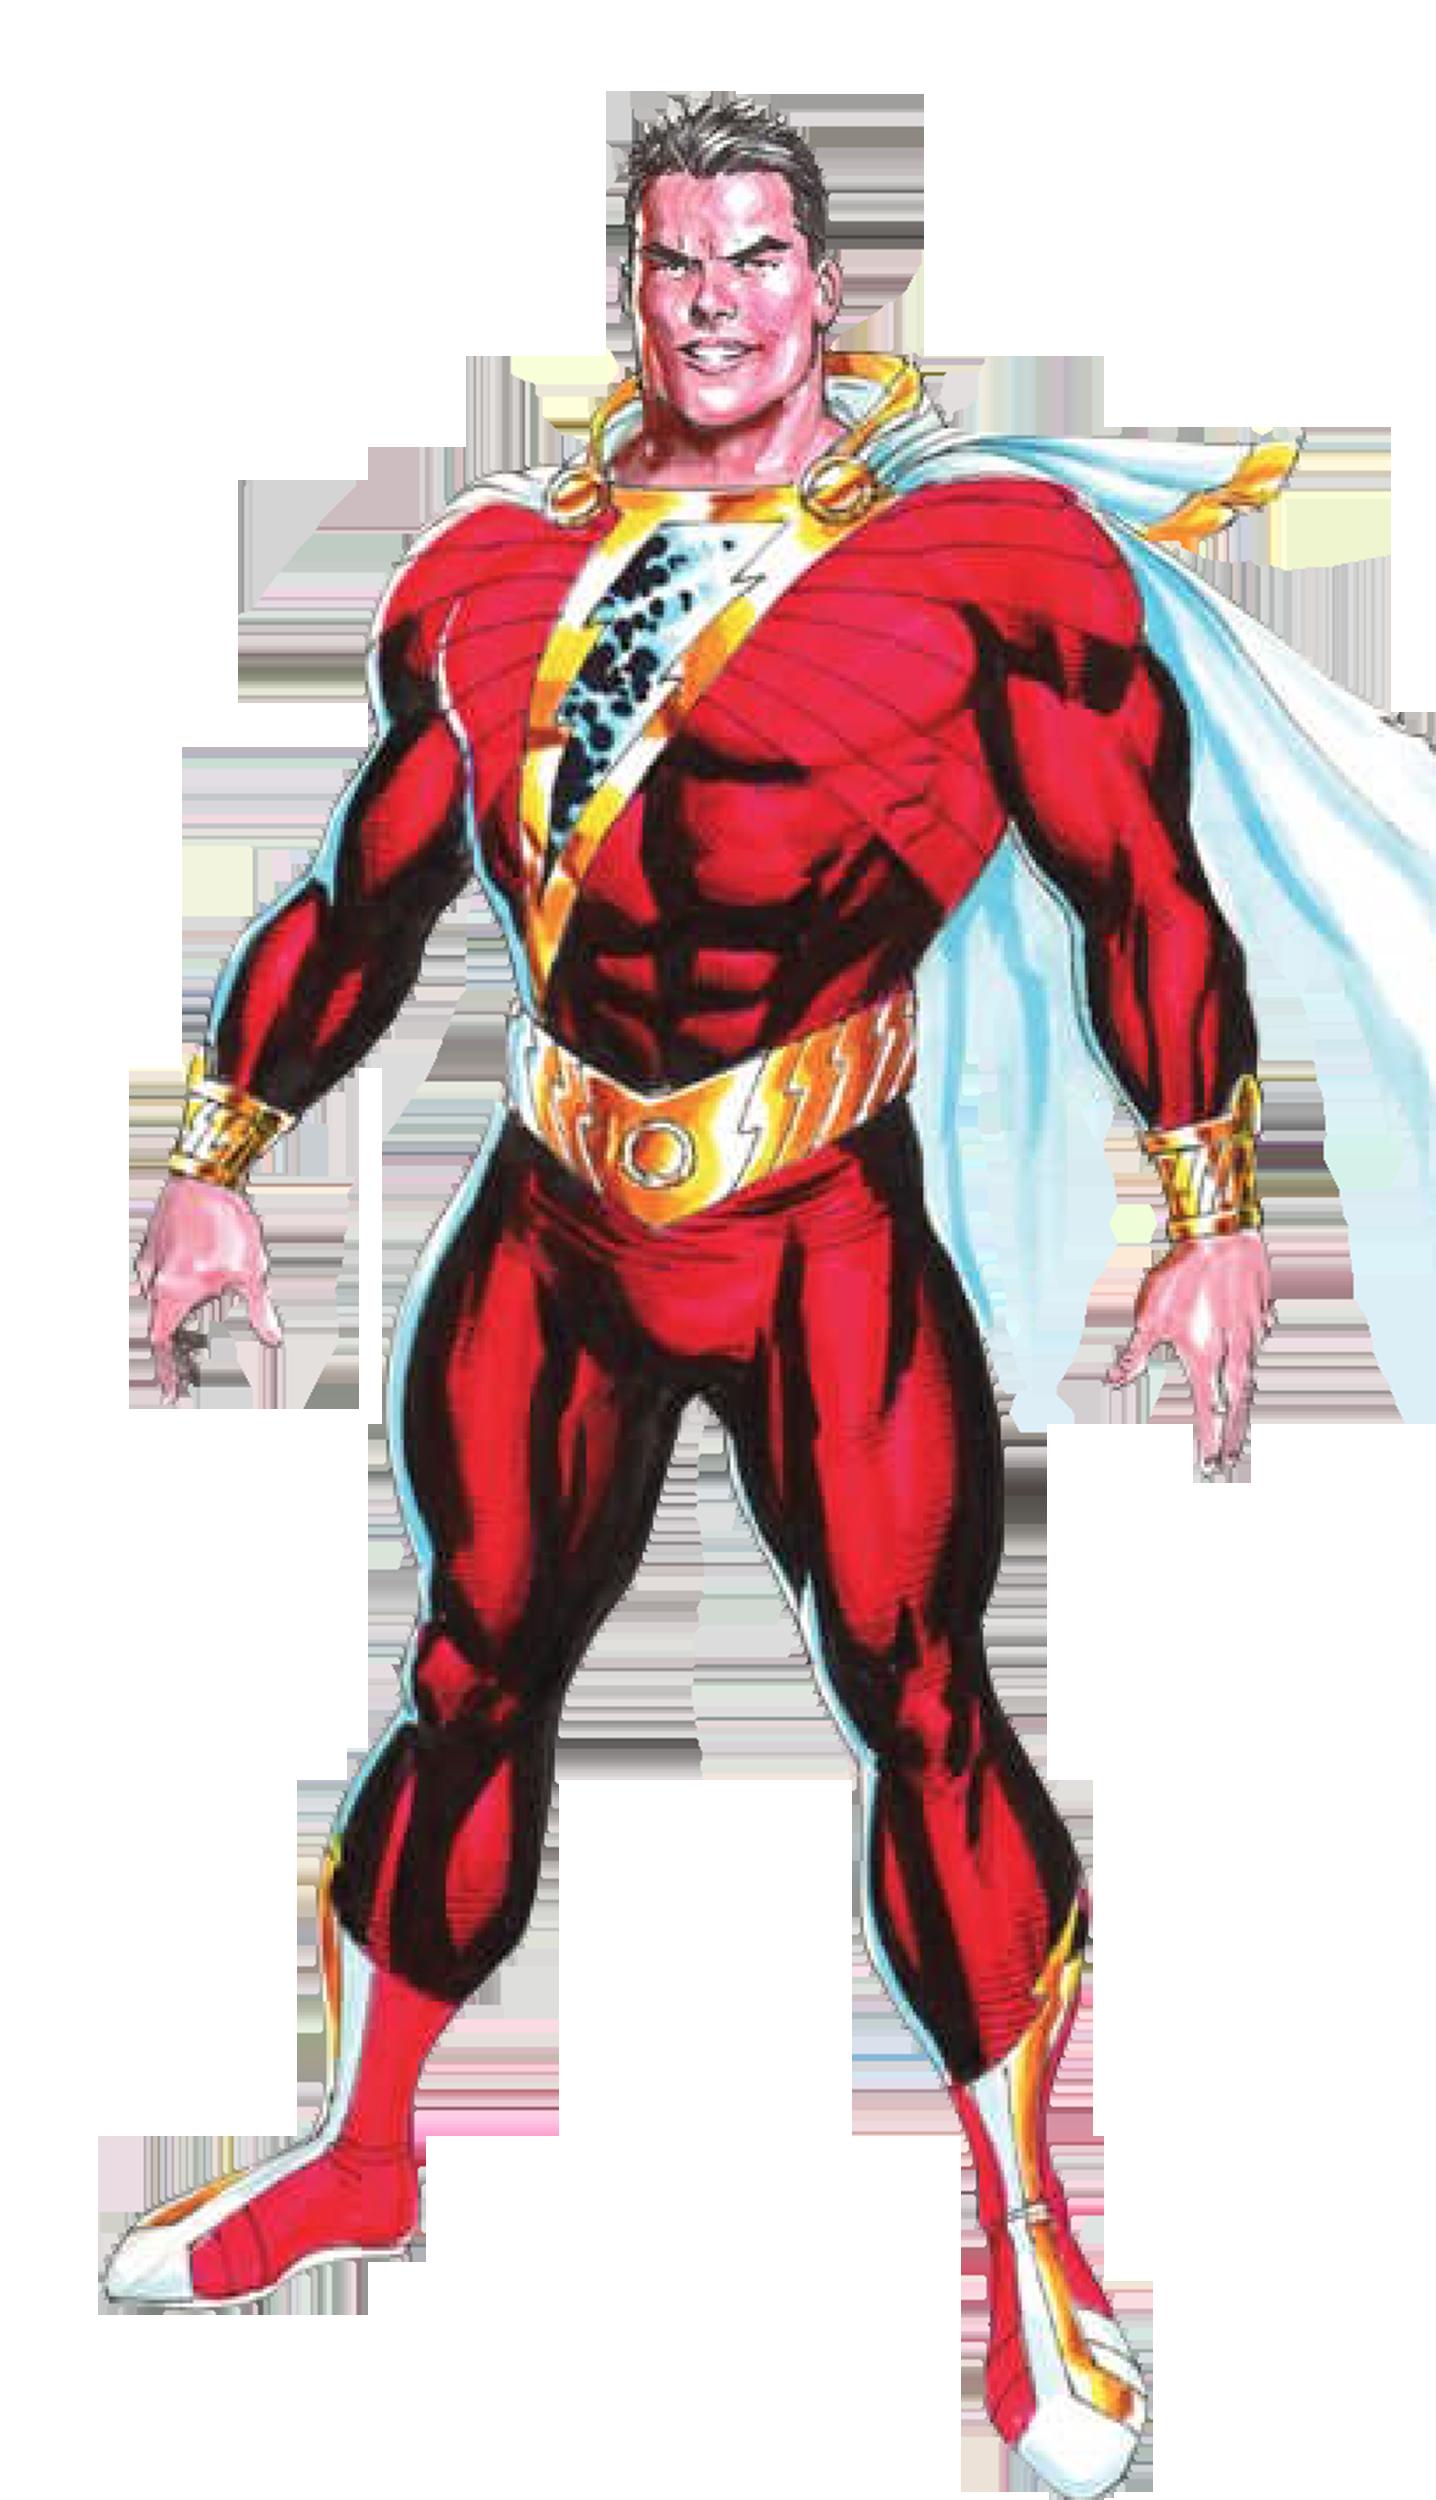 DC Comics PNG Transparent Images, Pictures, Photos.